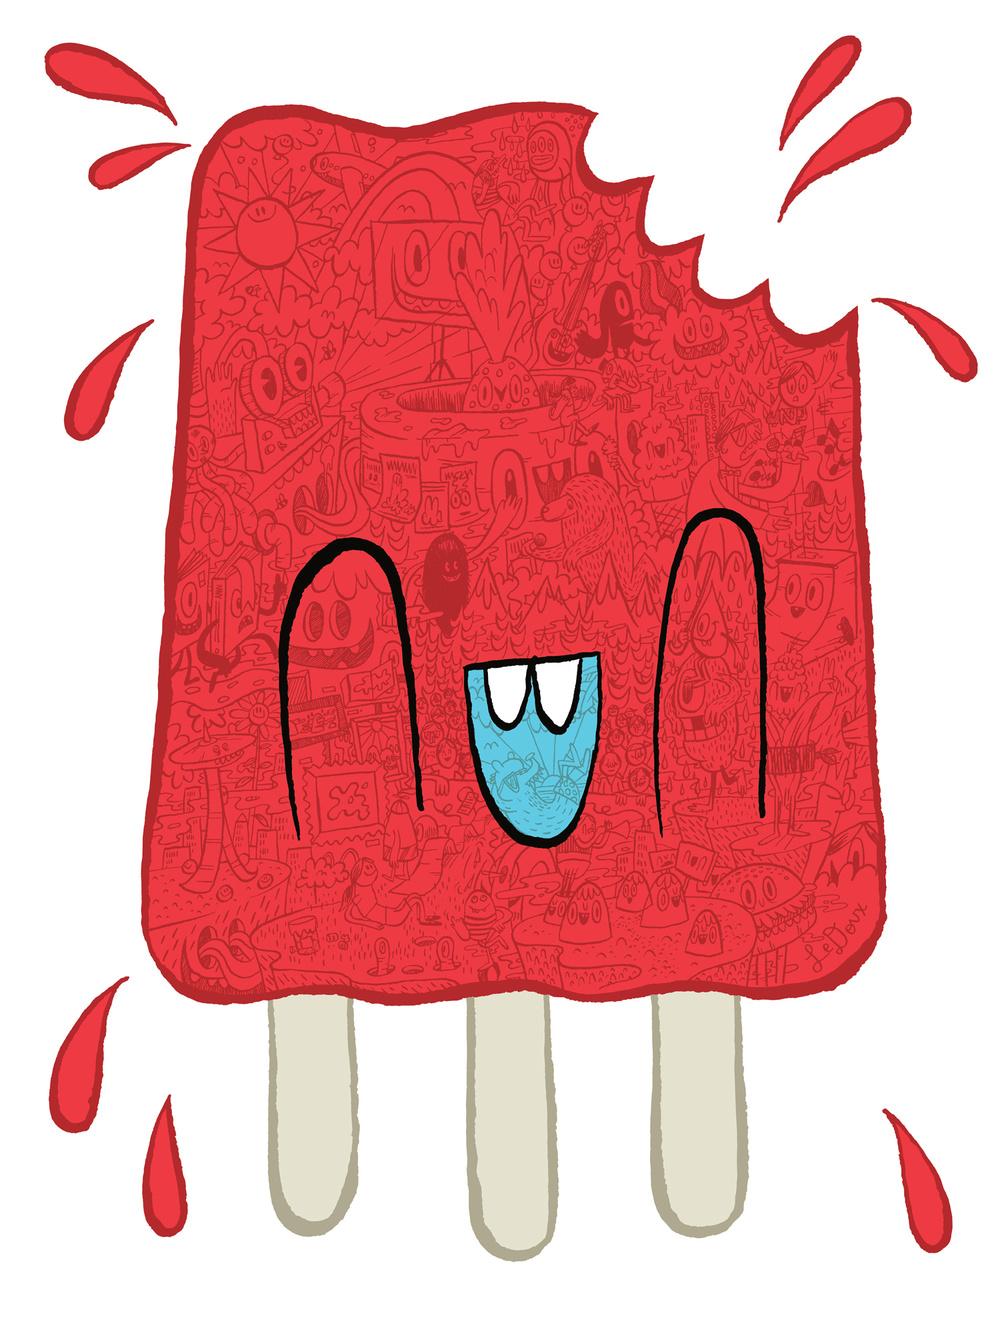 Popsicle_print.jpg